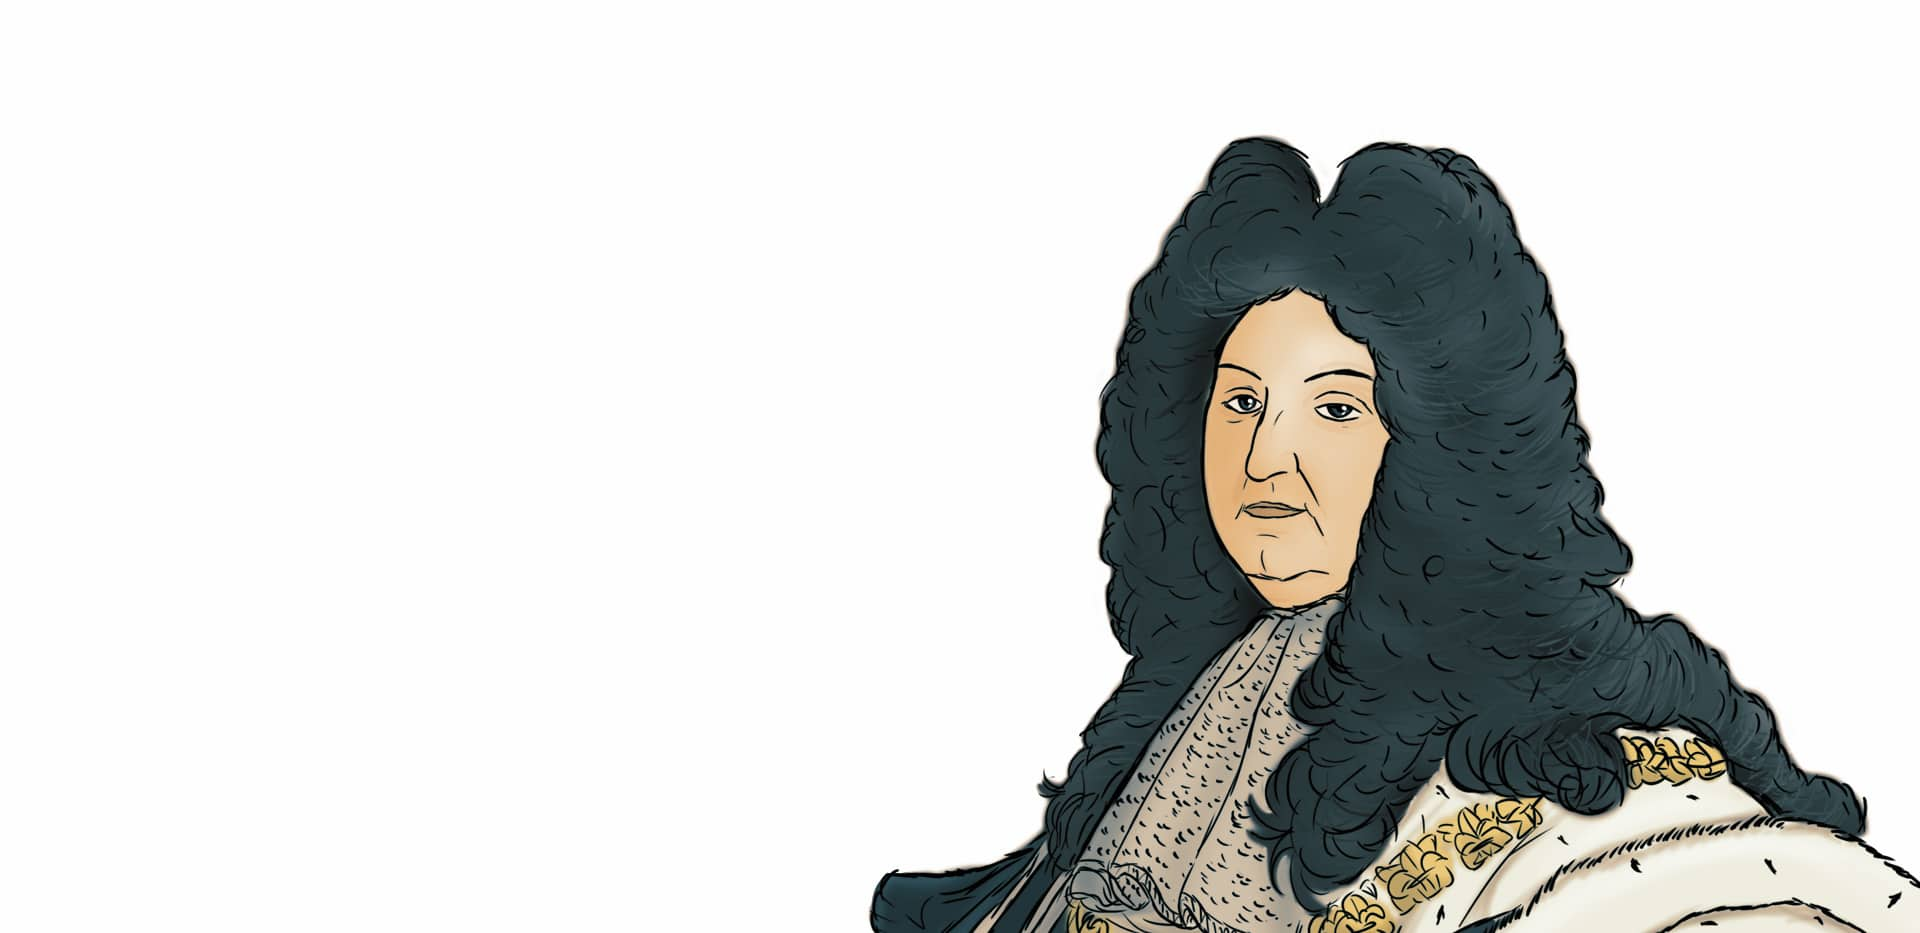 Zeichnung Ludwig XIV